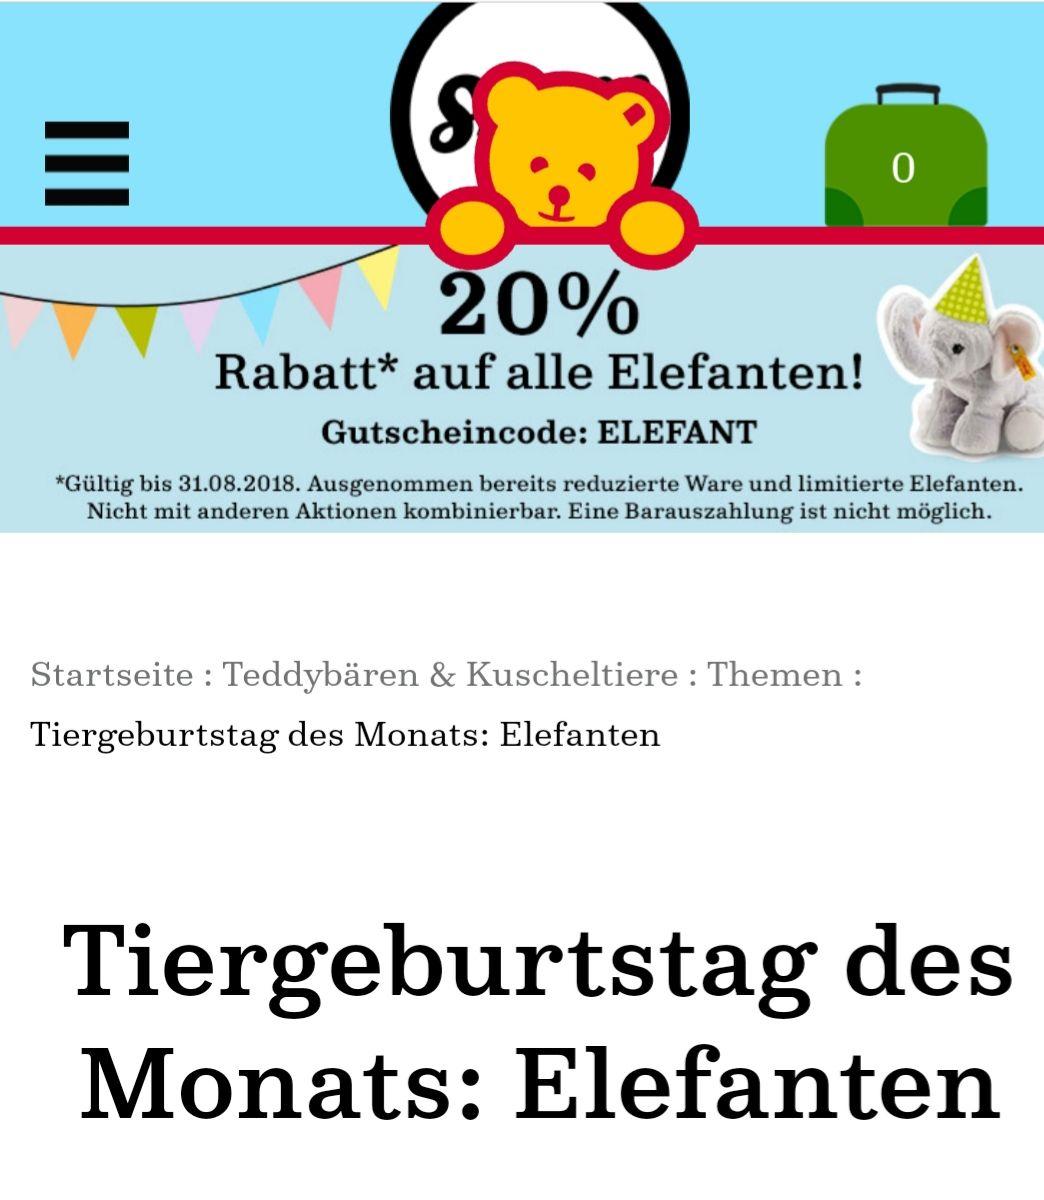 Steiff online 20% auf alle Elefanten